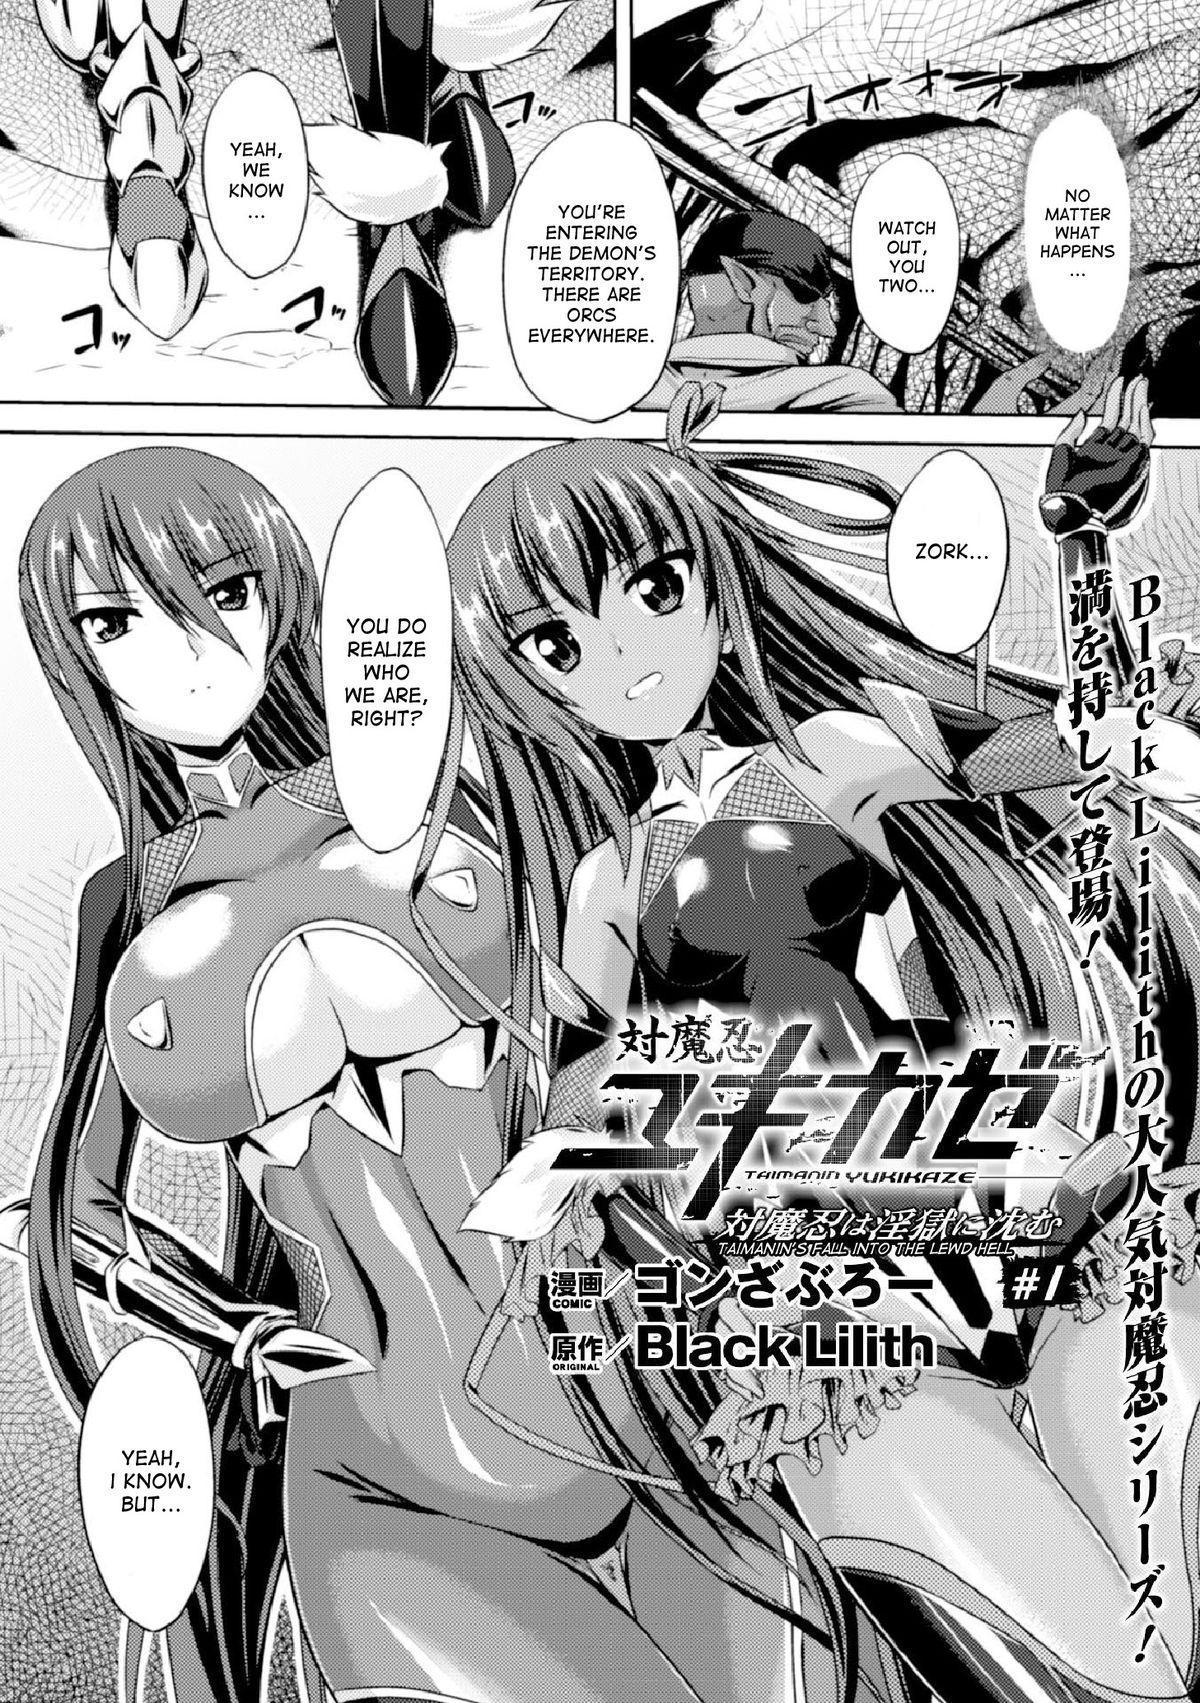 [Gonzaburo-] Taimanin Yukikaze - Taimanin wa Ingoku ni Shizumu #1-6 | Taimanin Yukikaze - Taimanin's fall into the lewd hell #1-5 [English] [desudesu] [Digital] 1